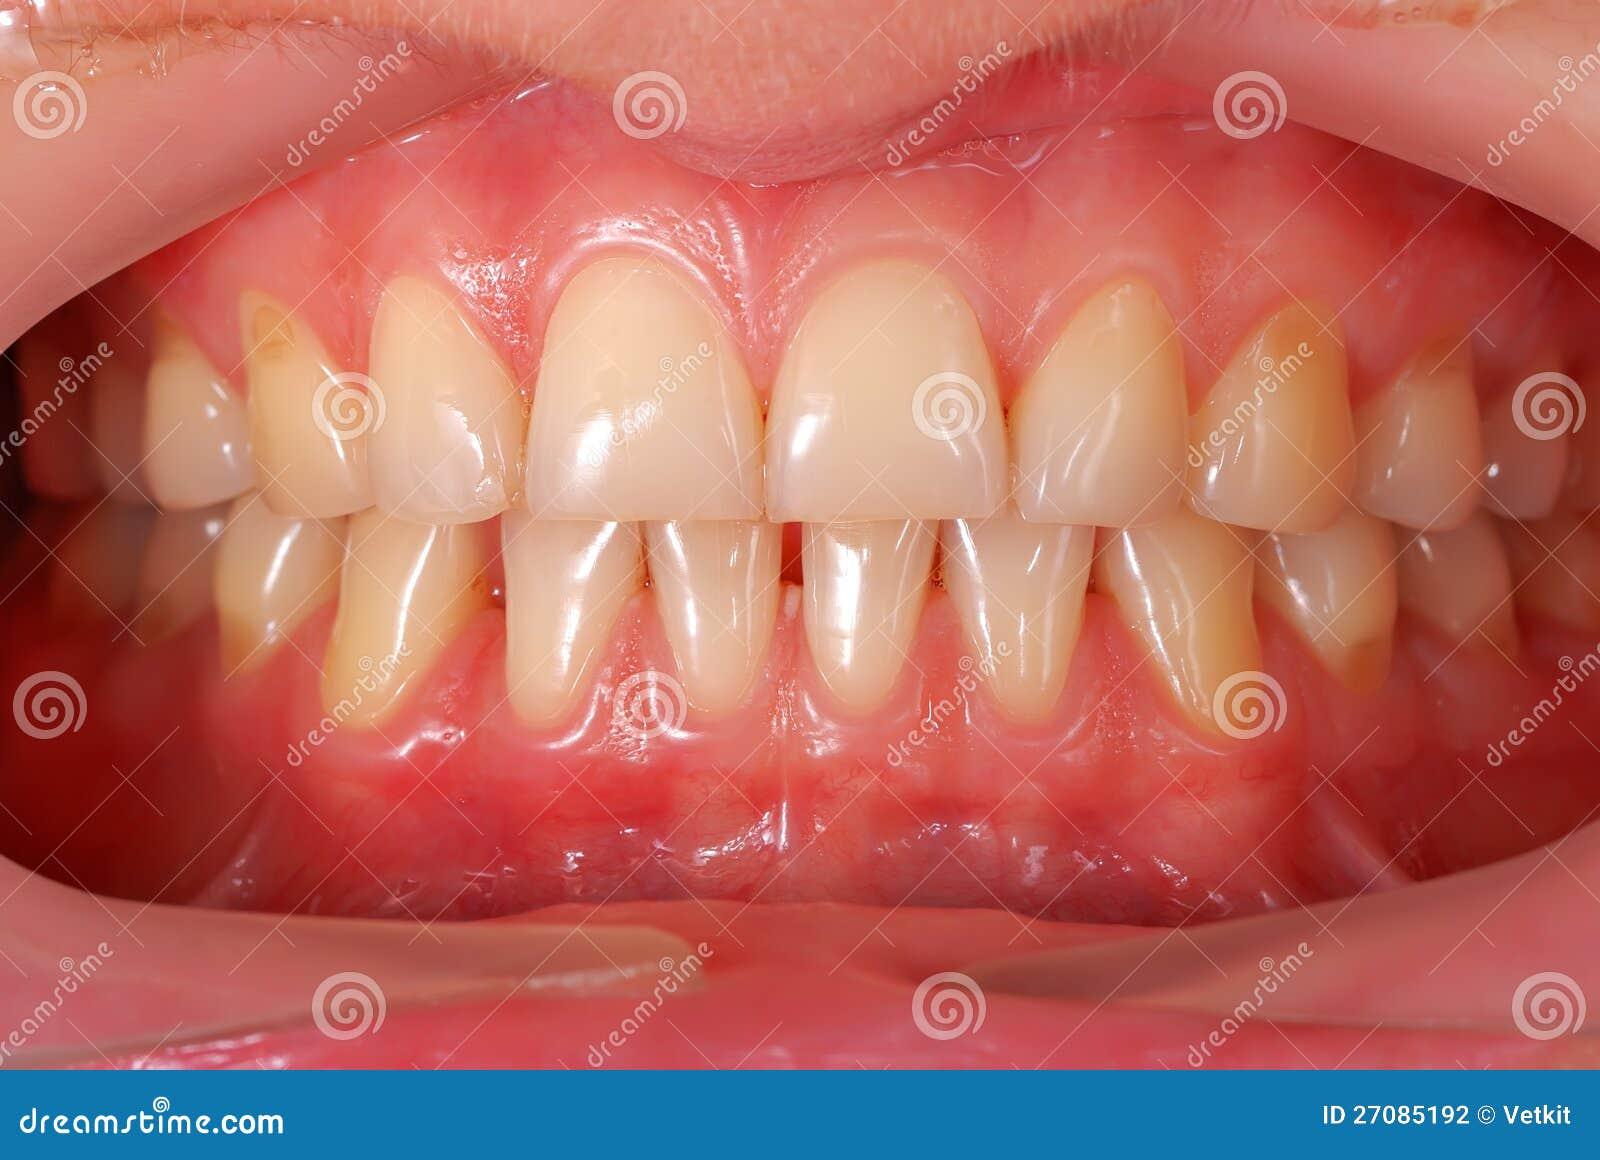 Menschliche Zähne